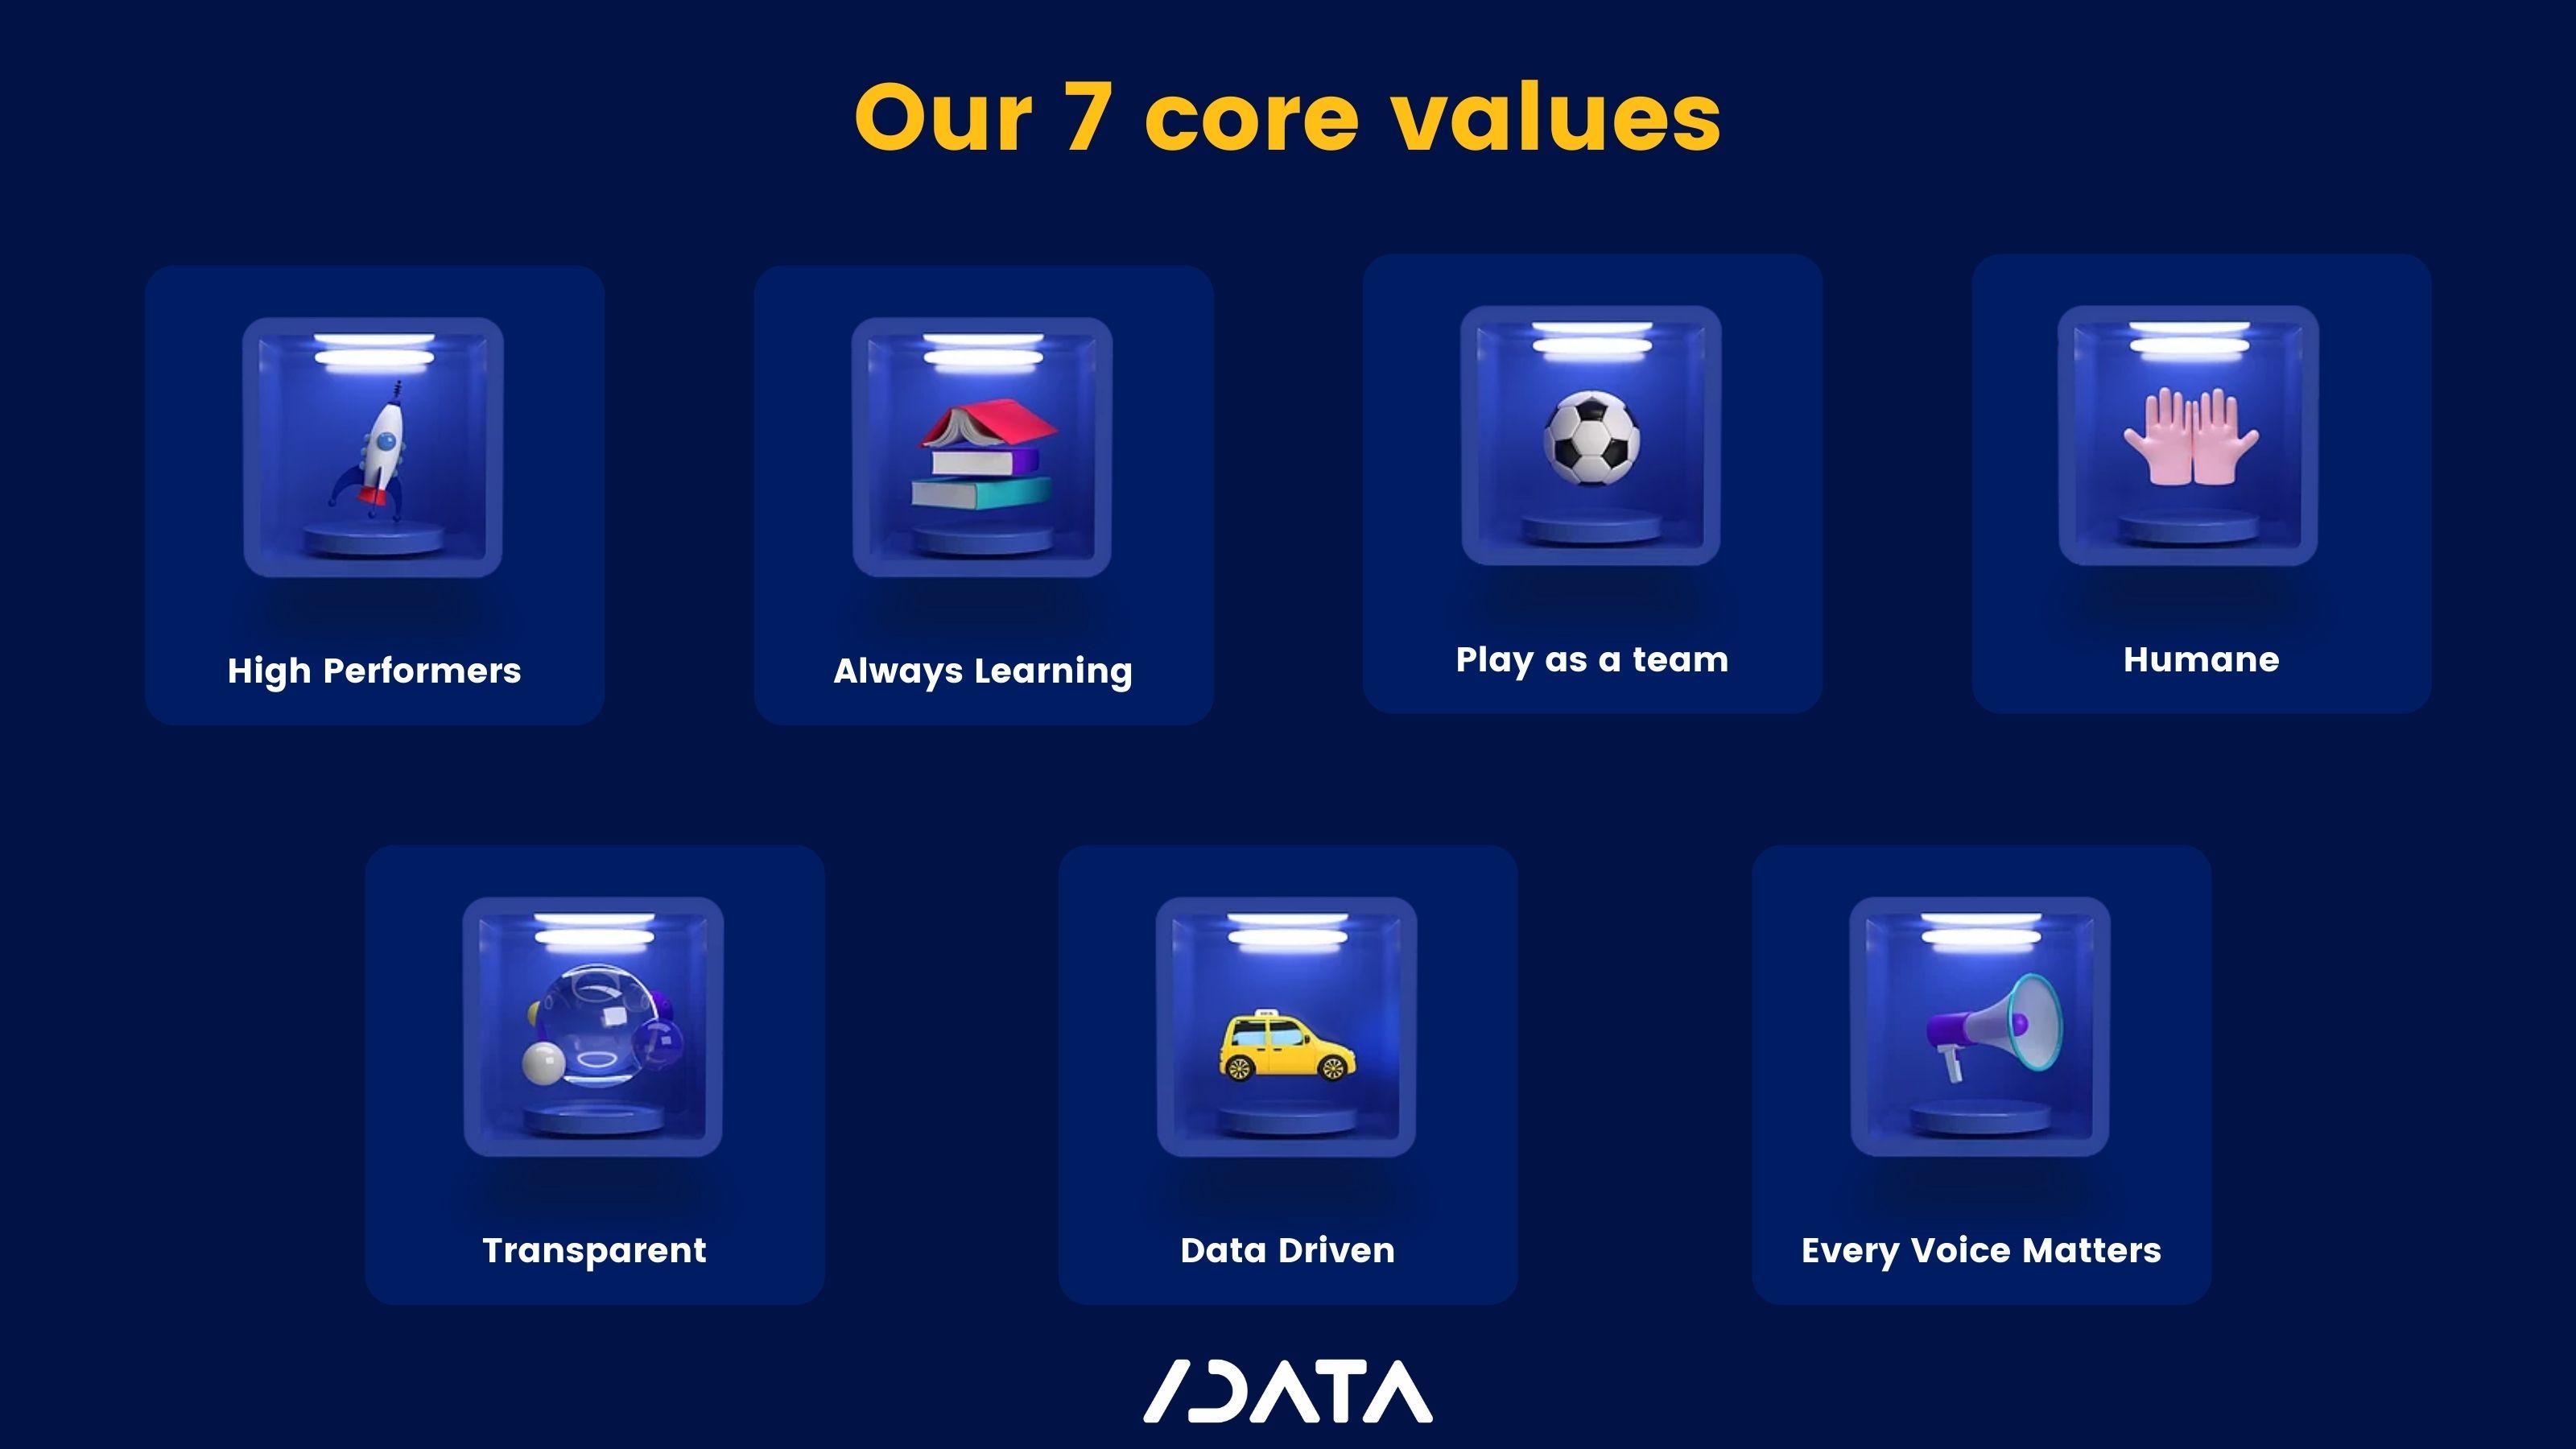 culture slashdata core values